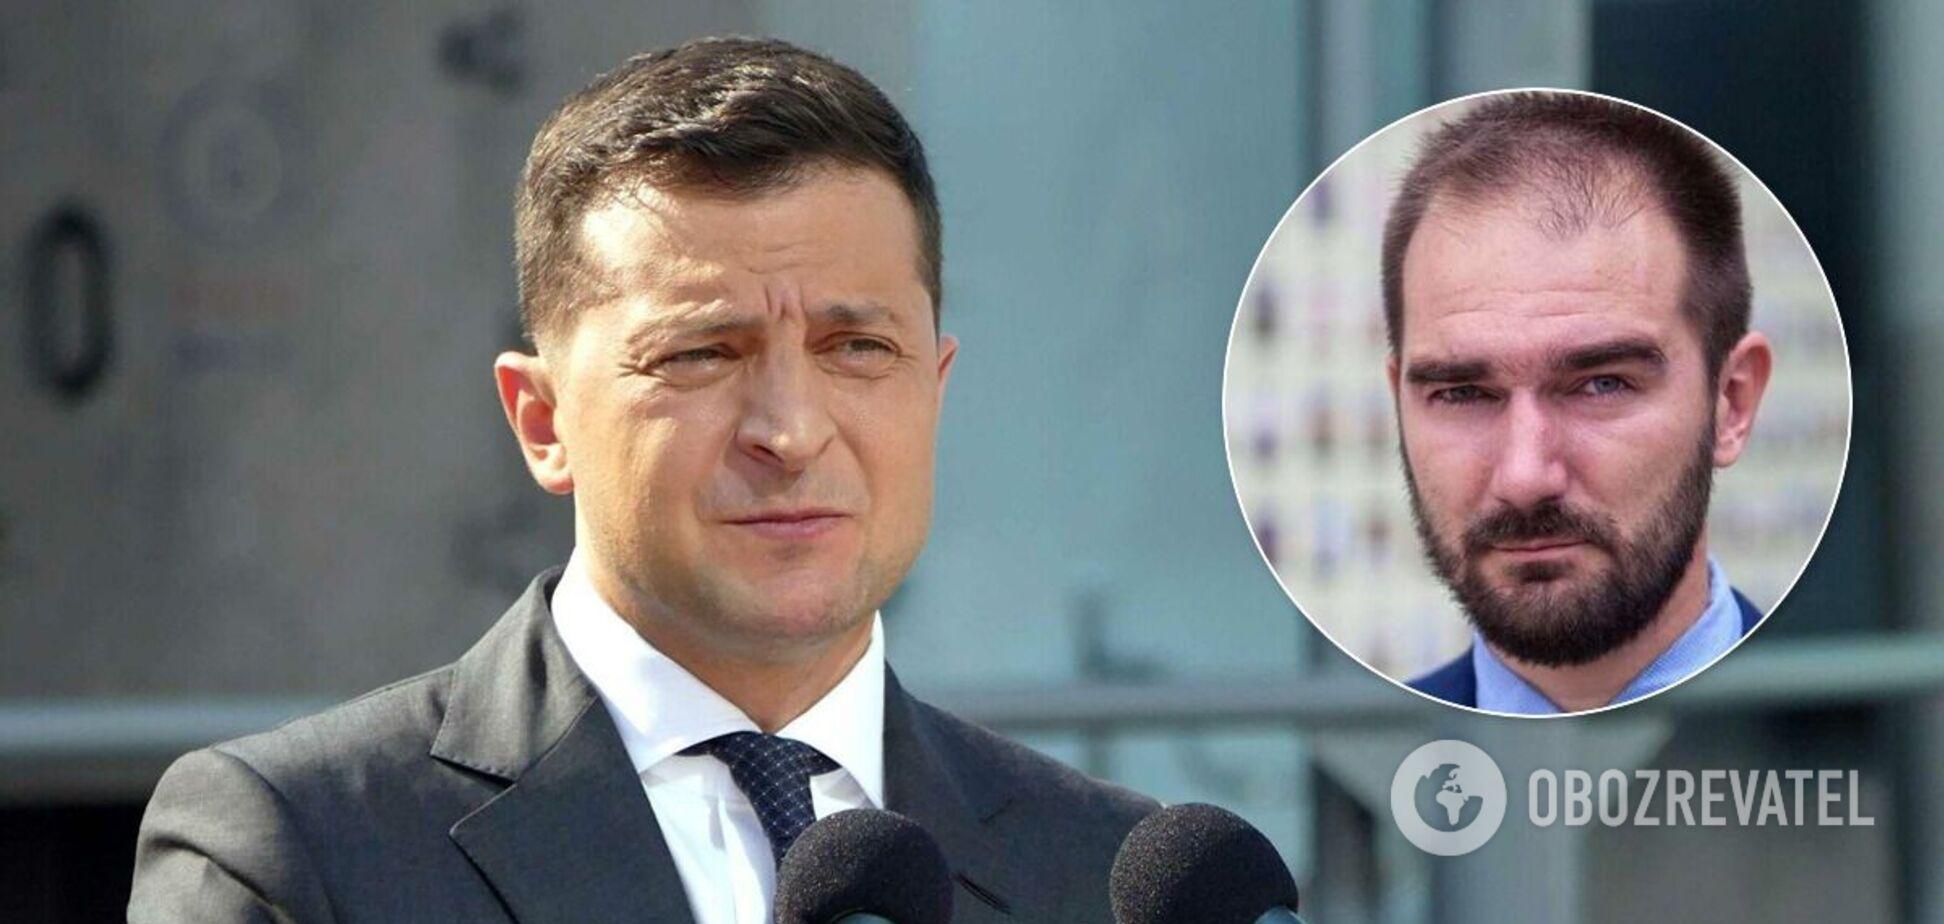 Зеленский прокомментировал дело нардепа Юрченко